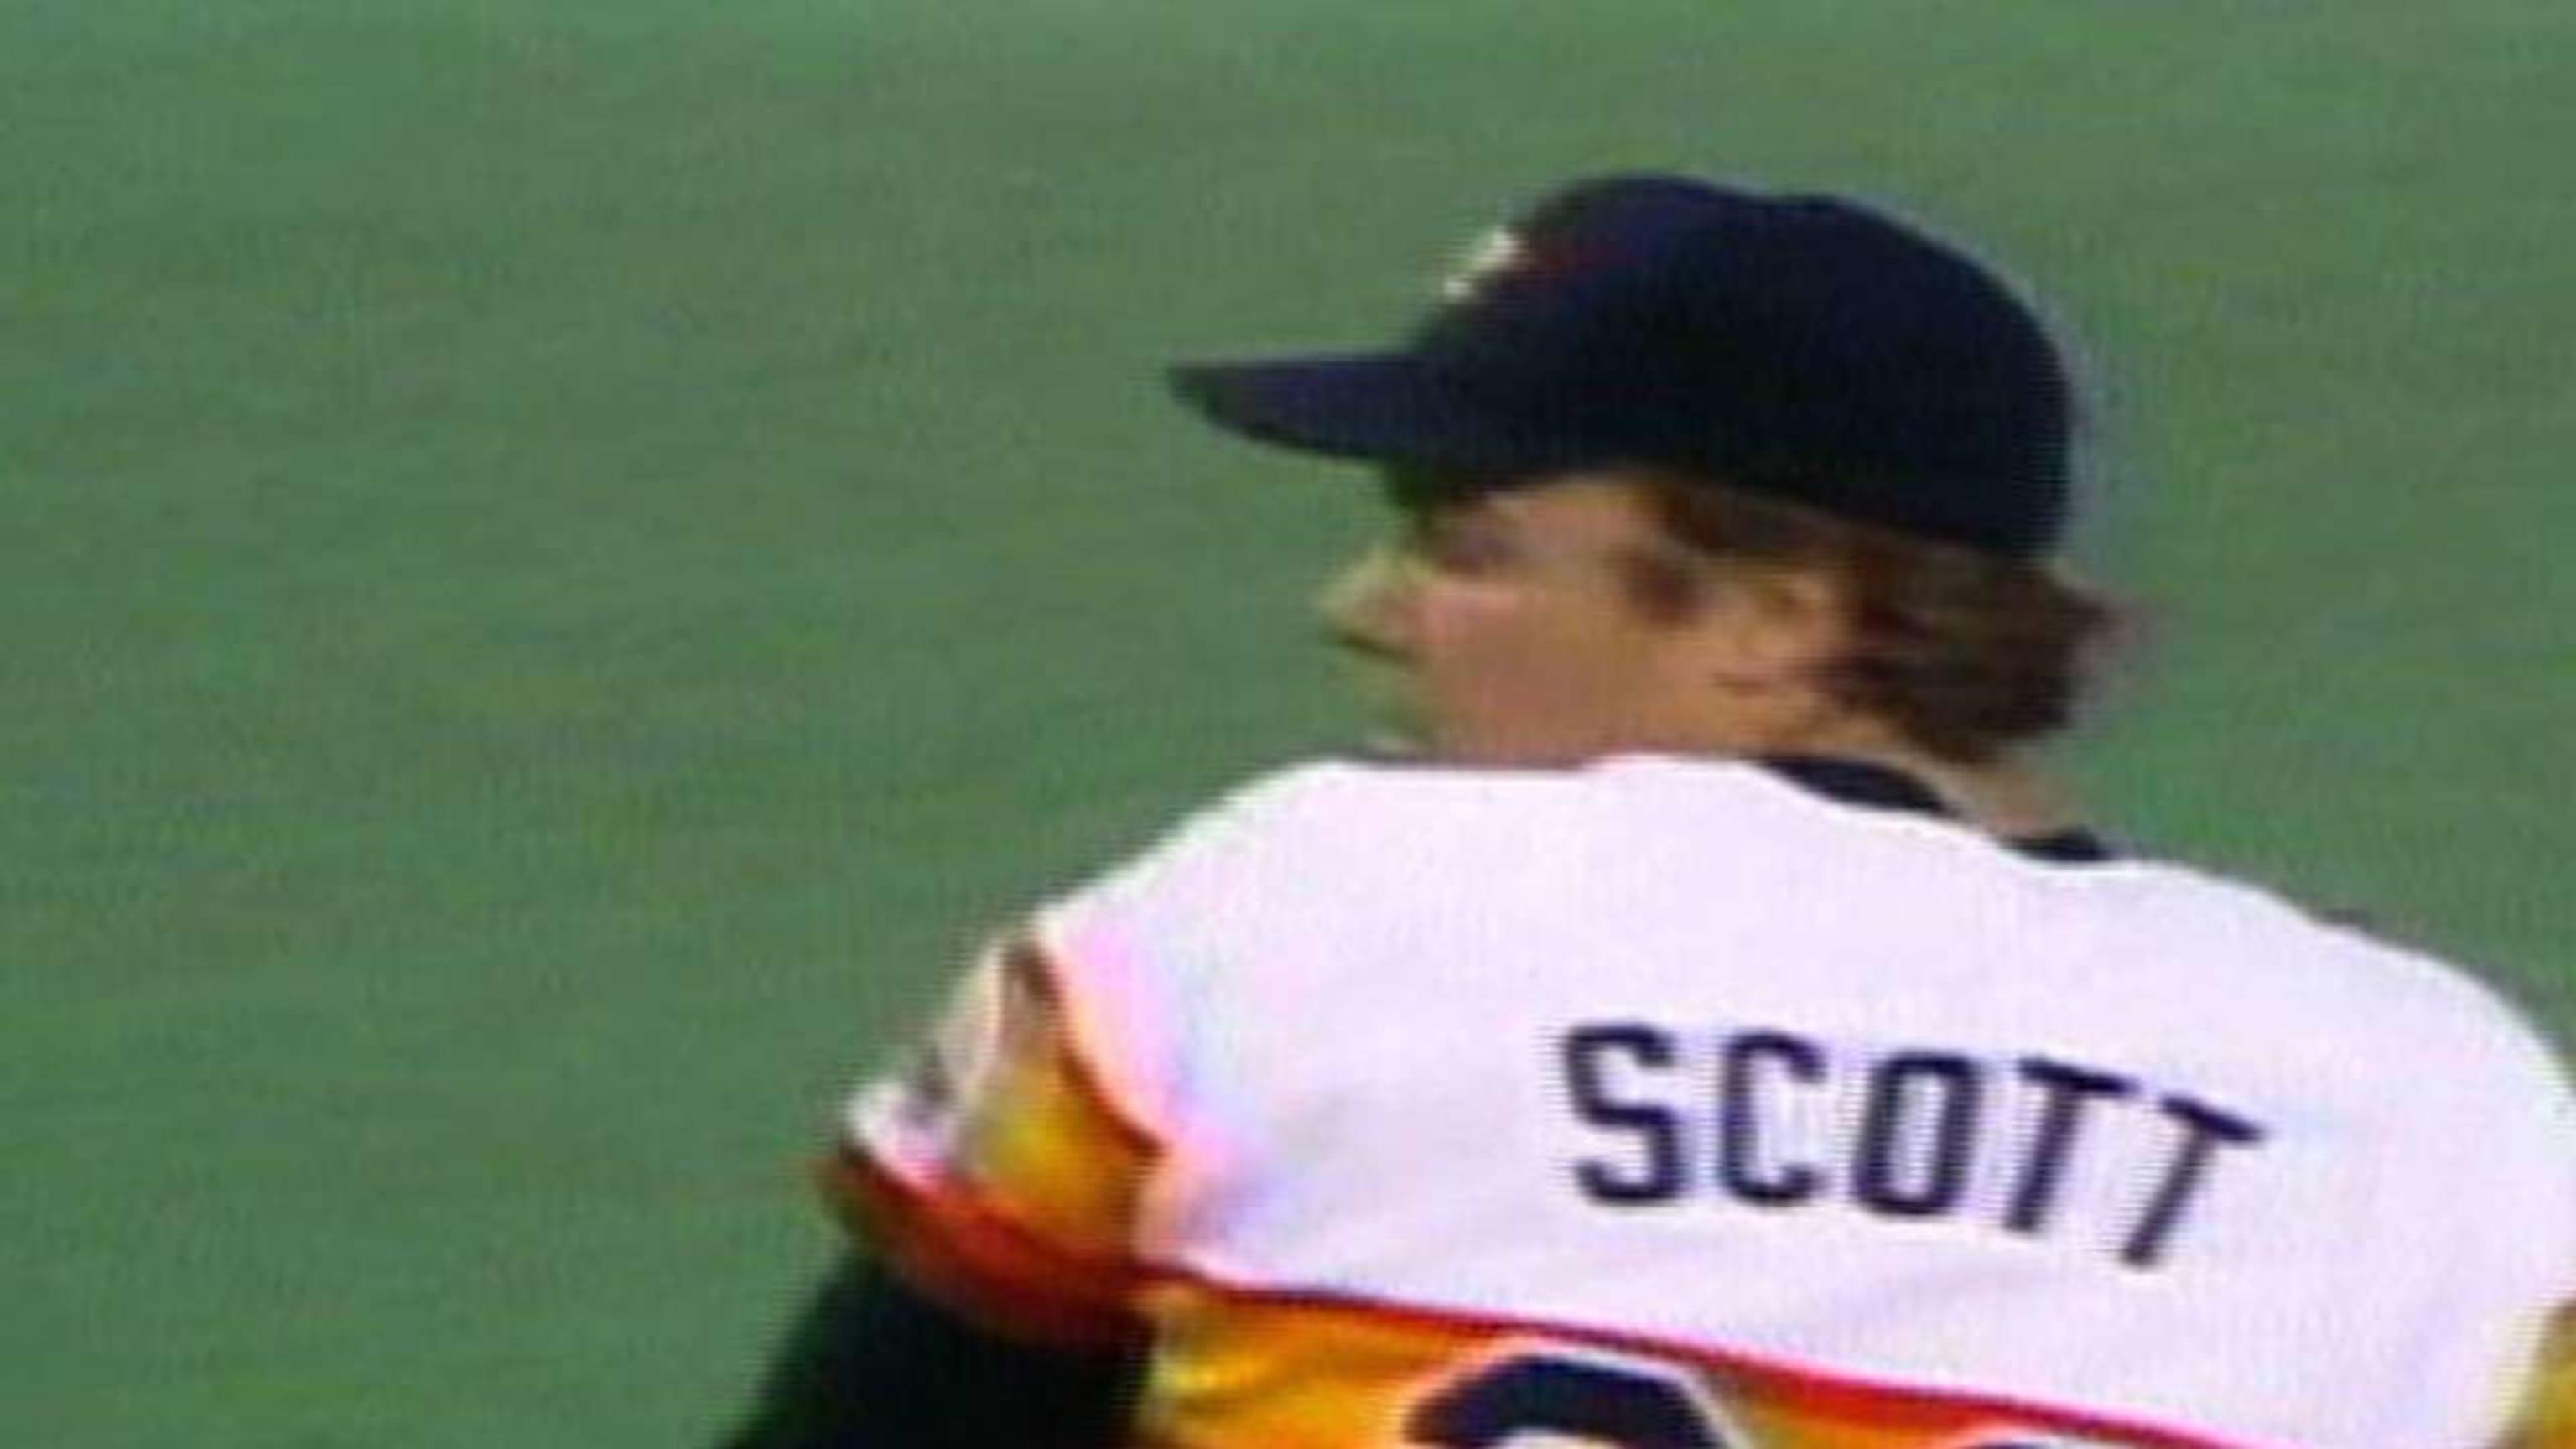 El juego sin hits ni carrera de Scott